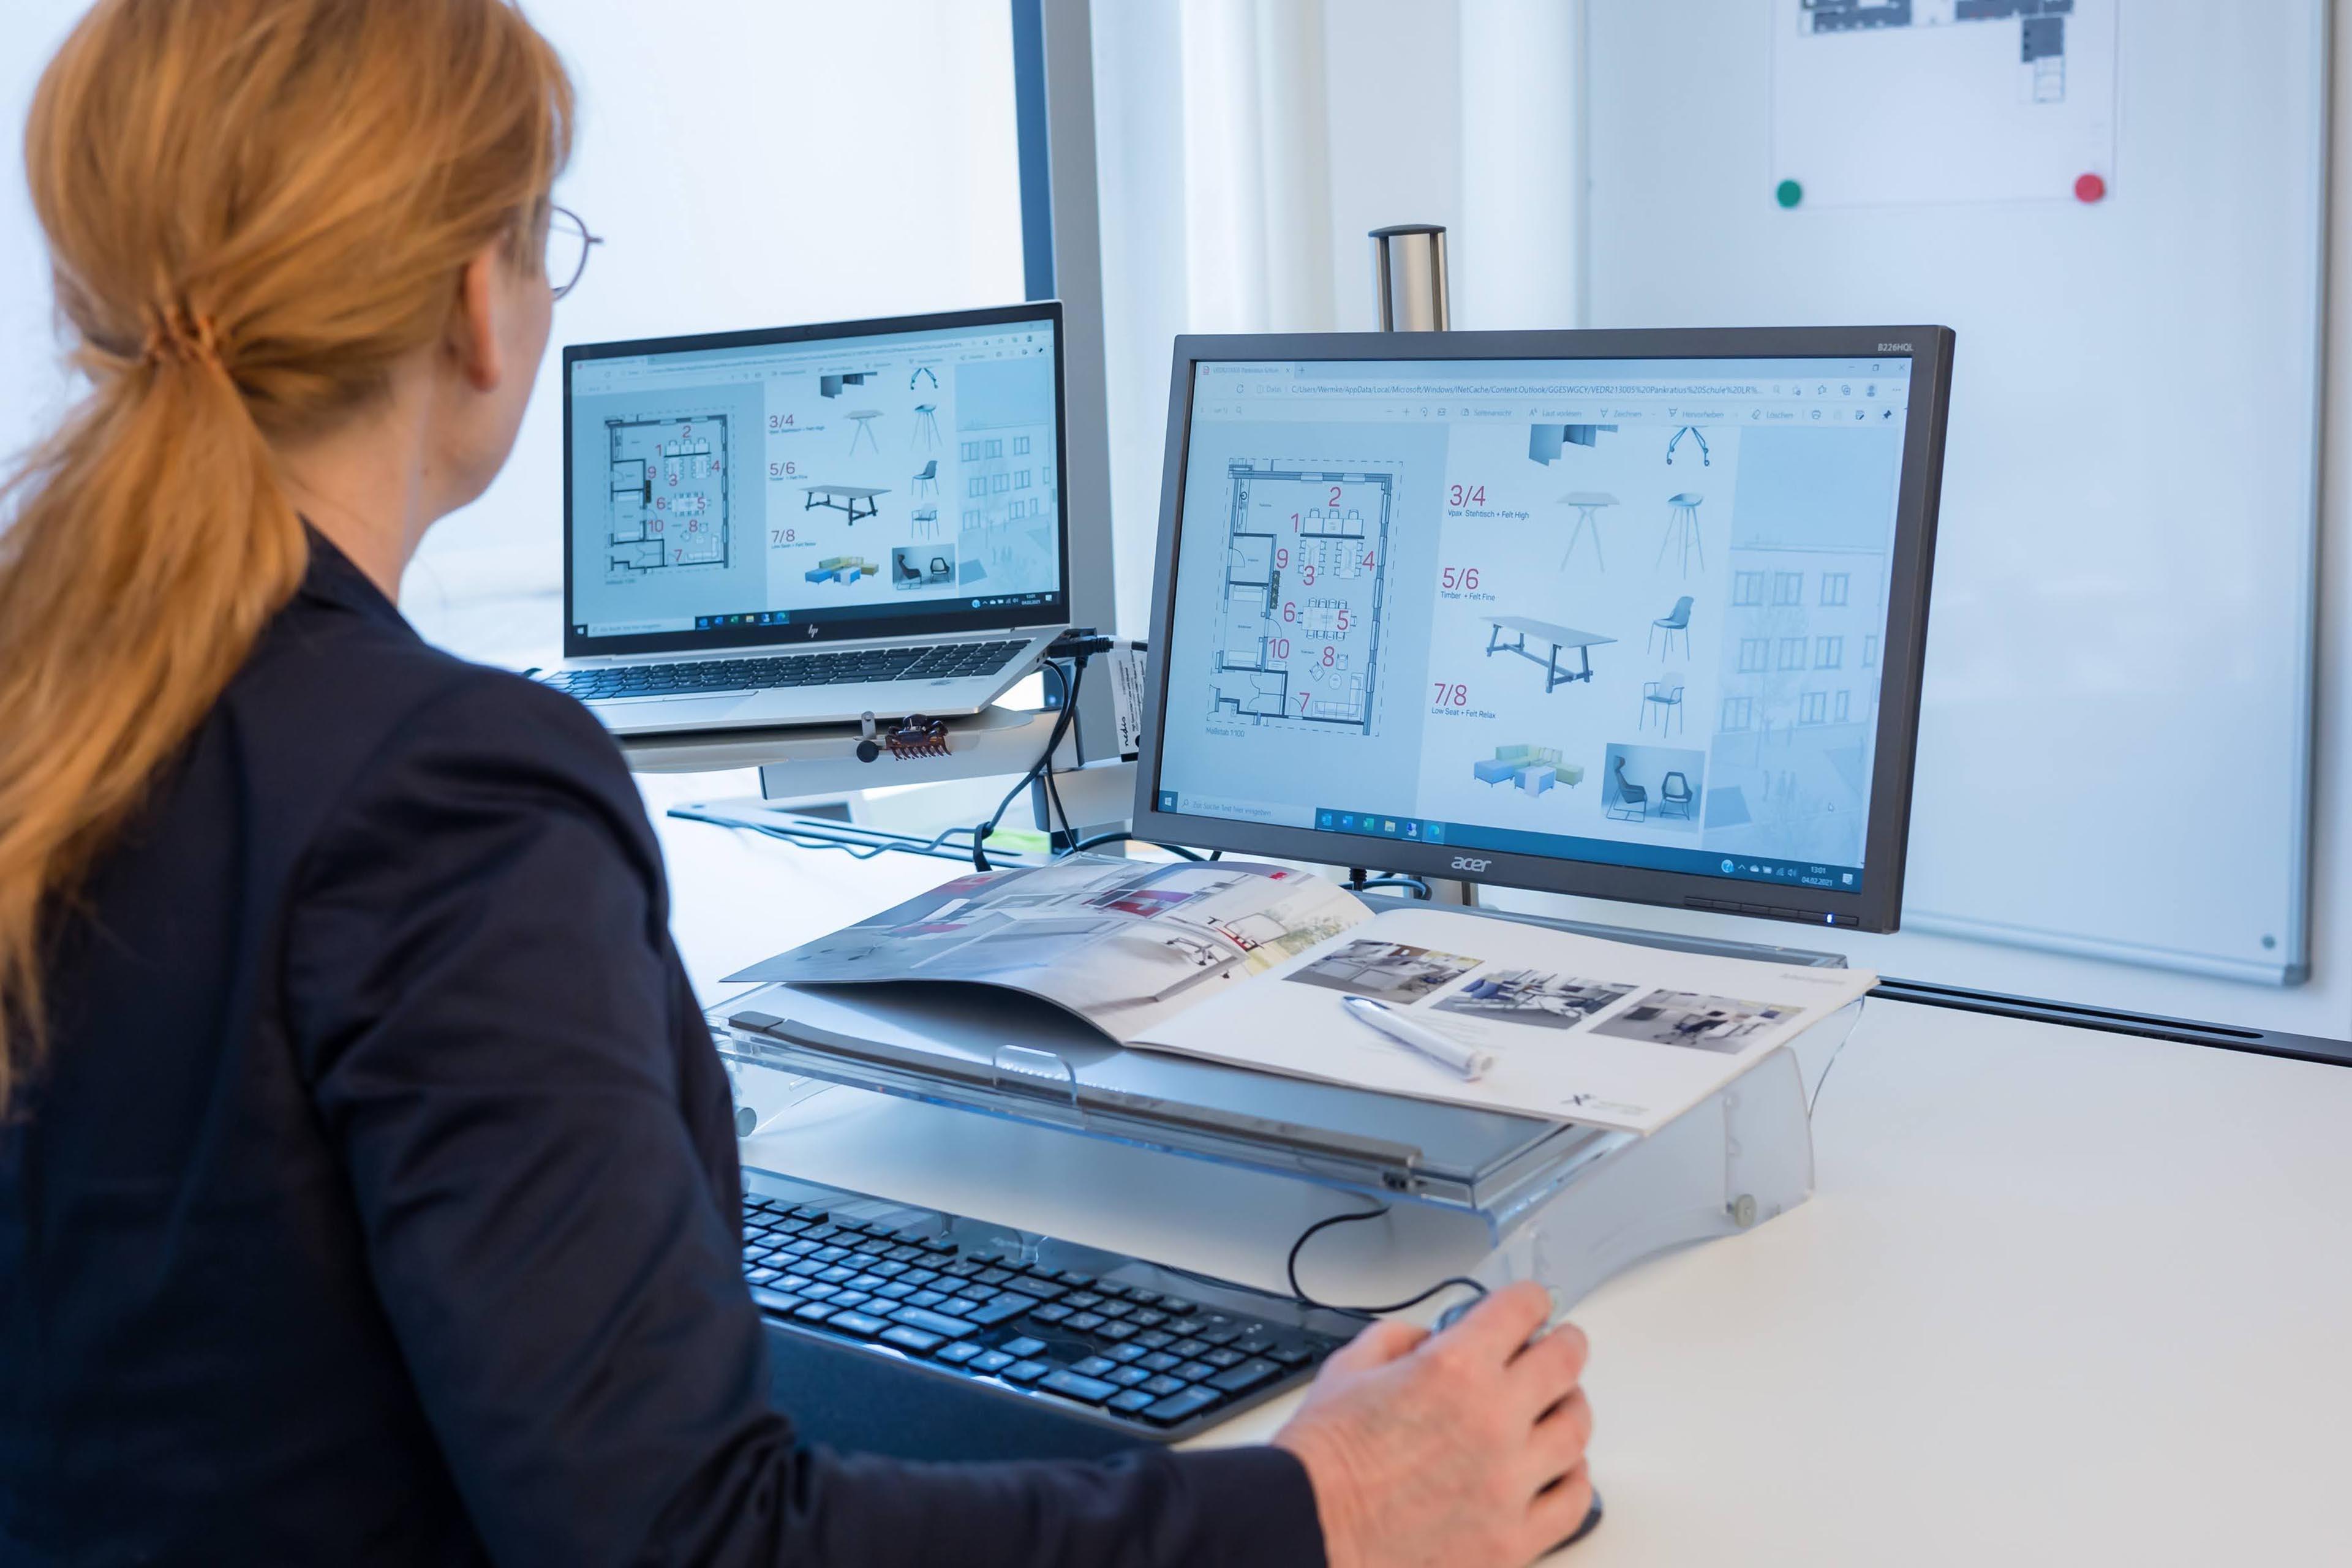 wermke bürokonzepte | Katrin Wermke bei der Planung